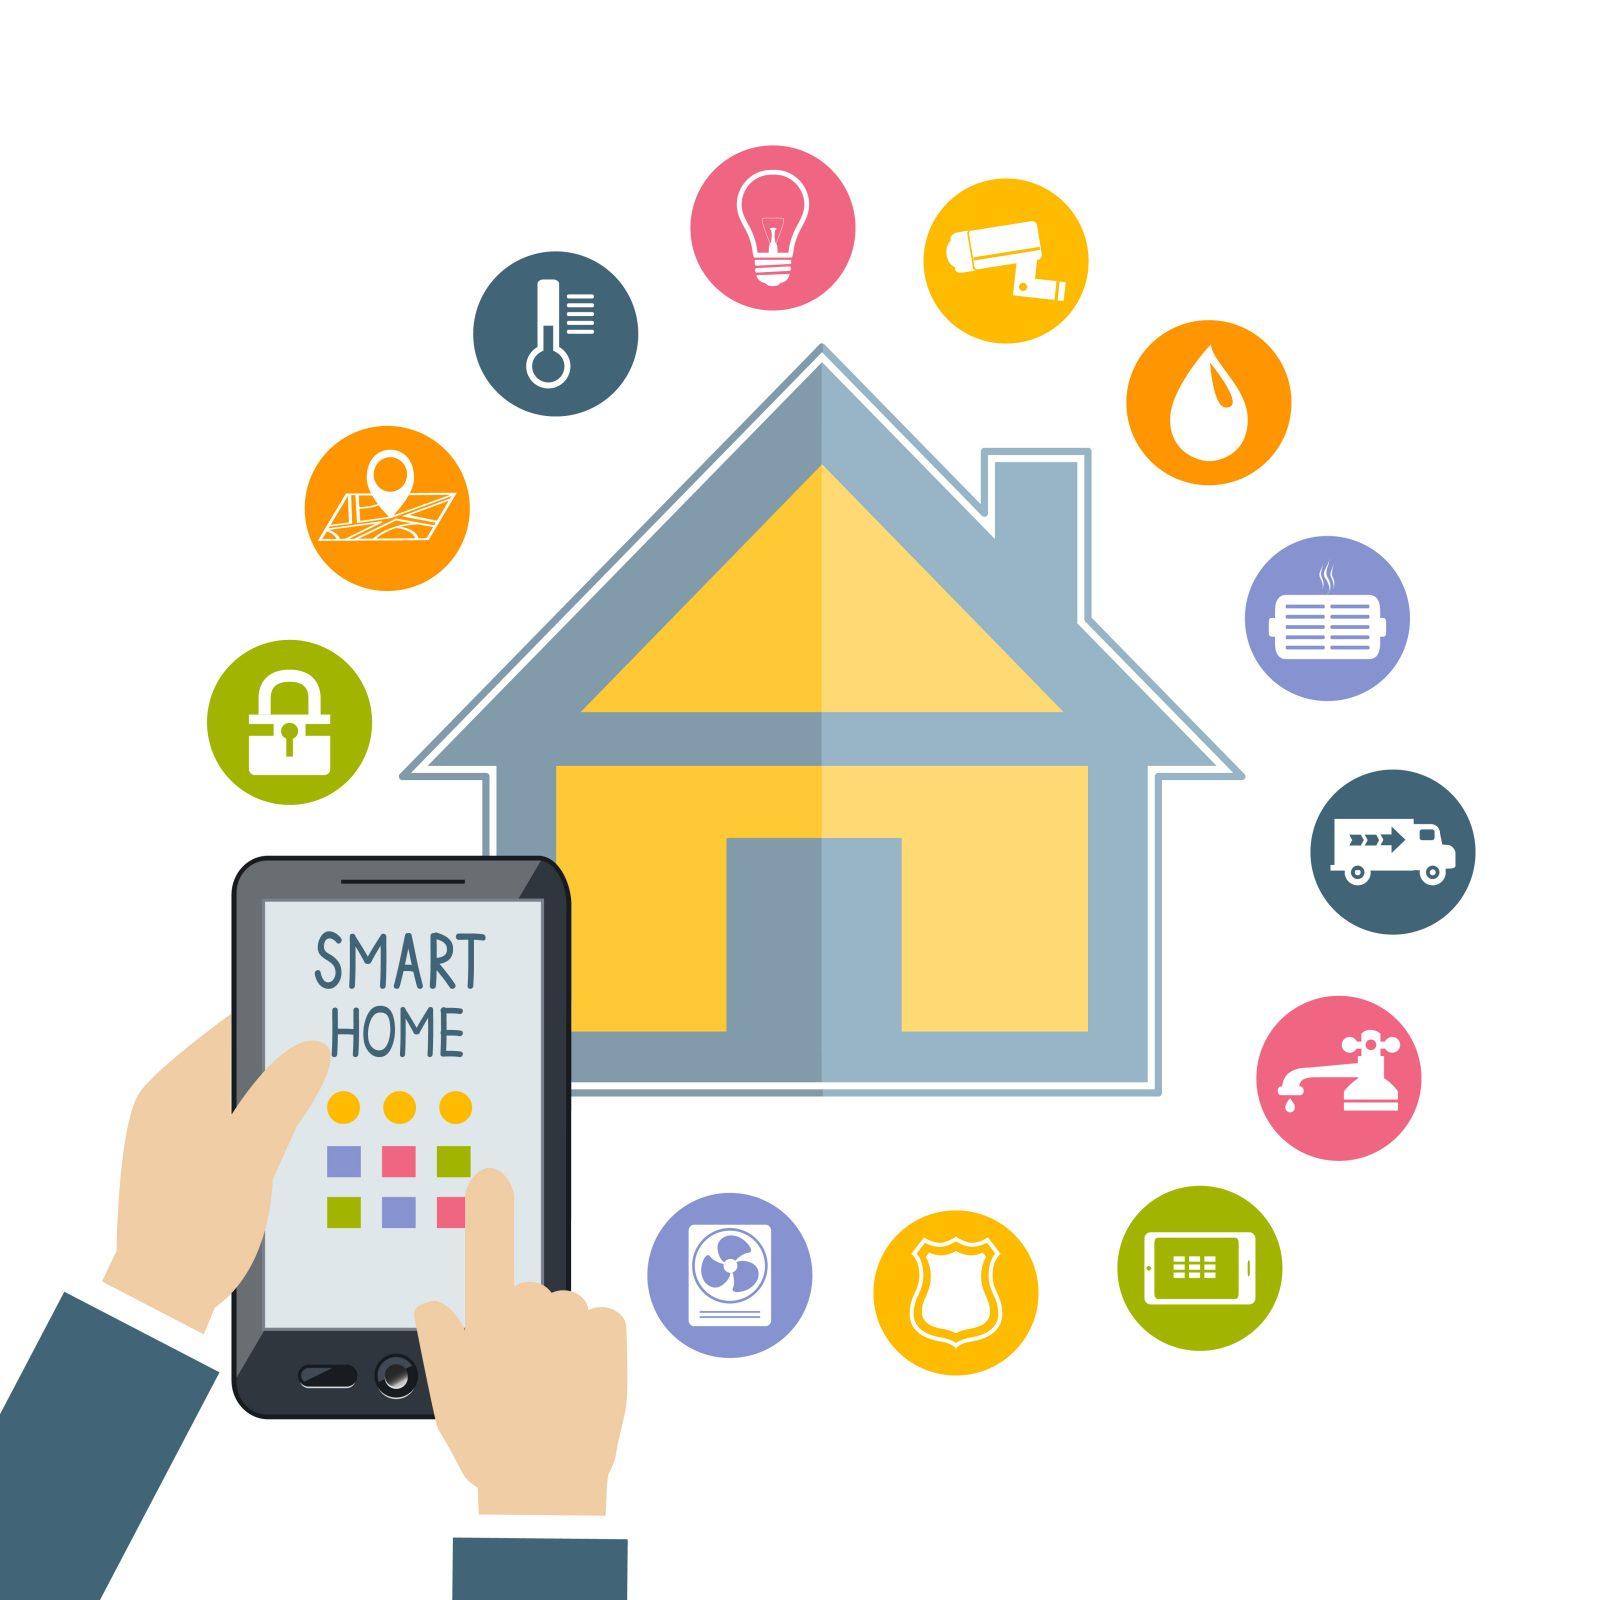 خانه هوشمند ساده - خانه هوشمند بی سیم - wireless - مانیتورینگ مرکزی